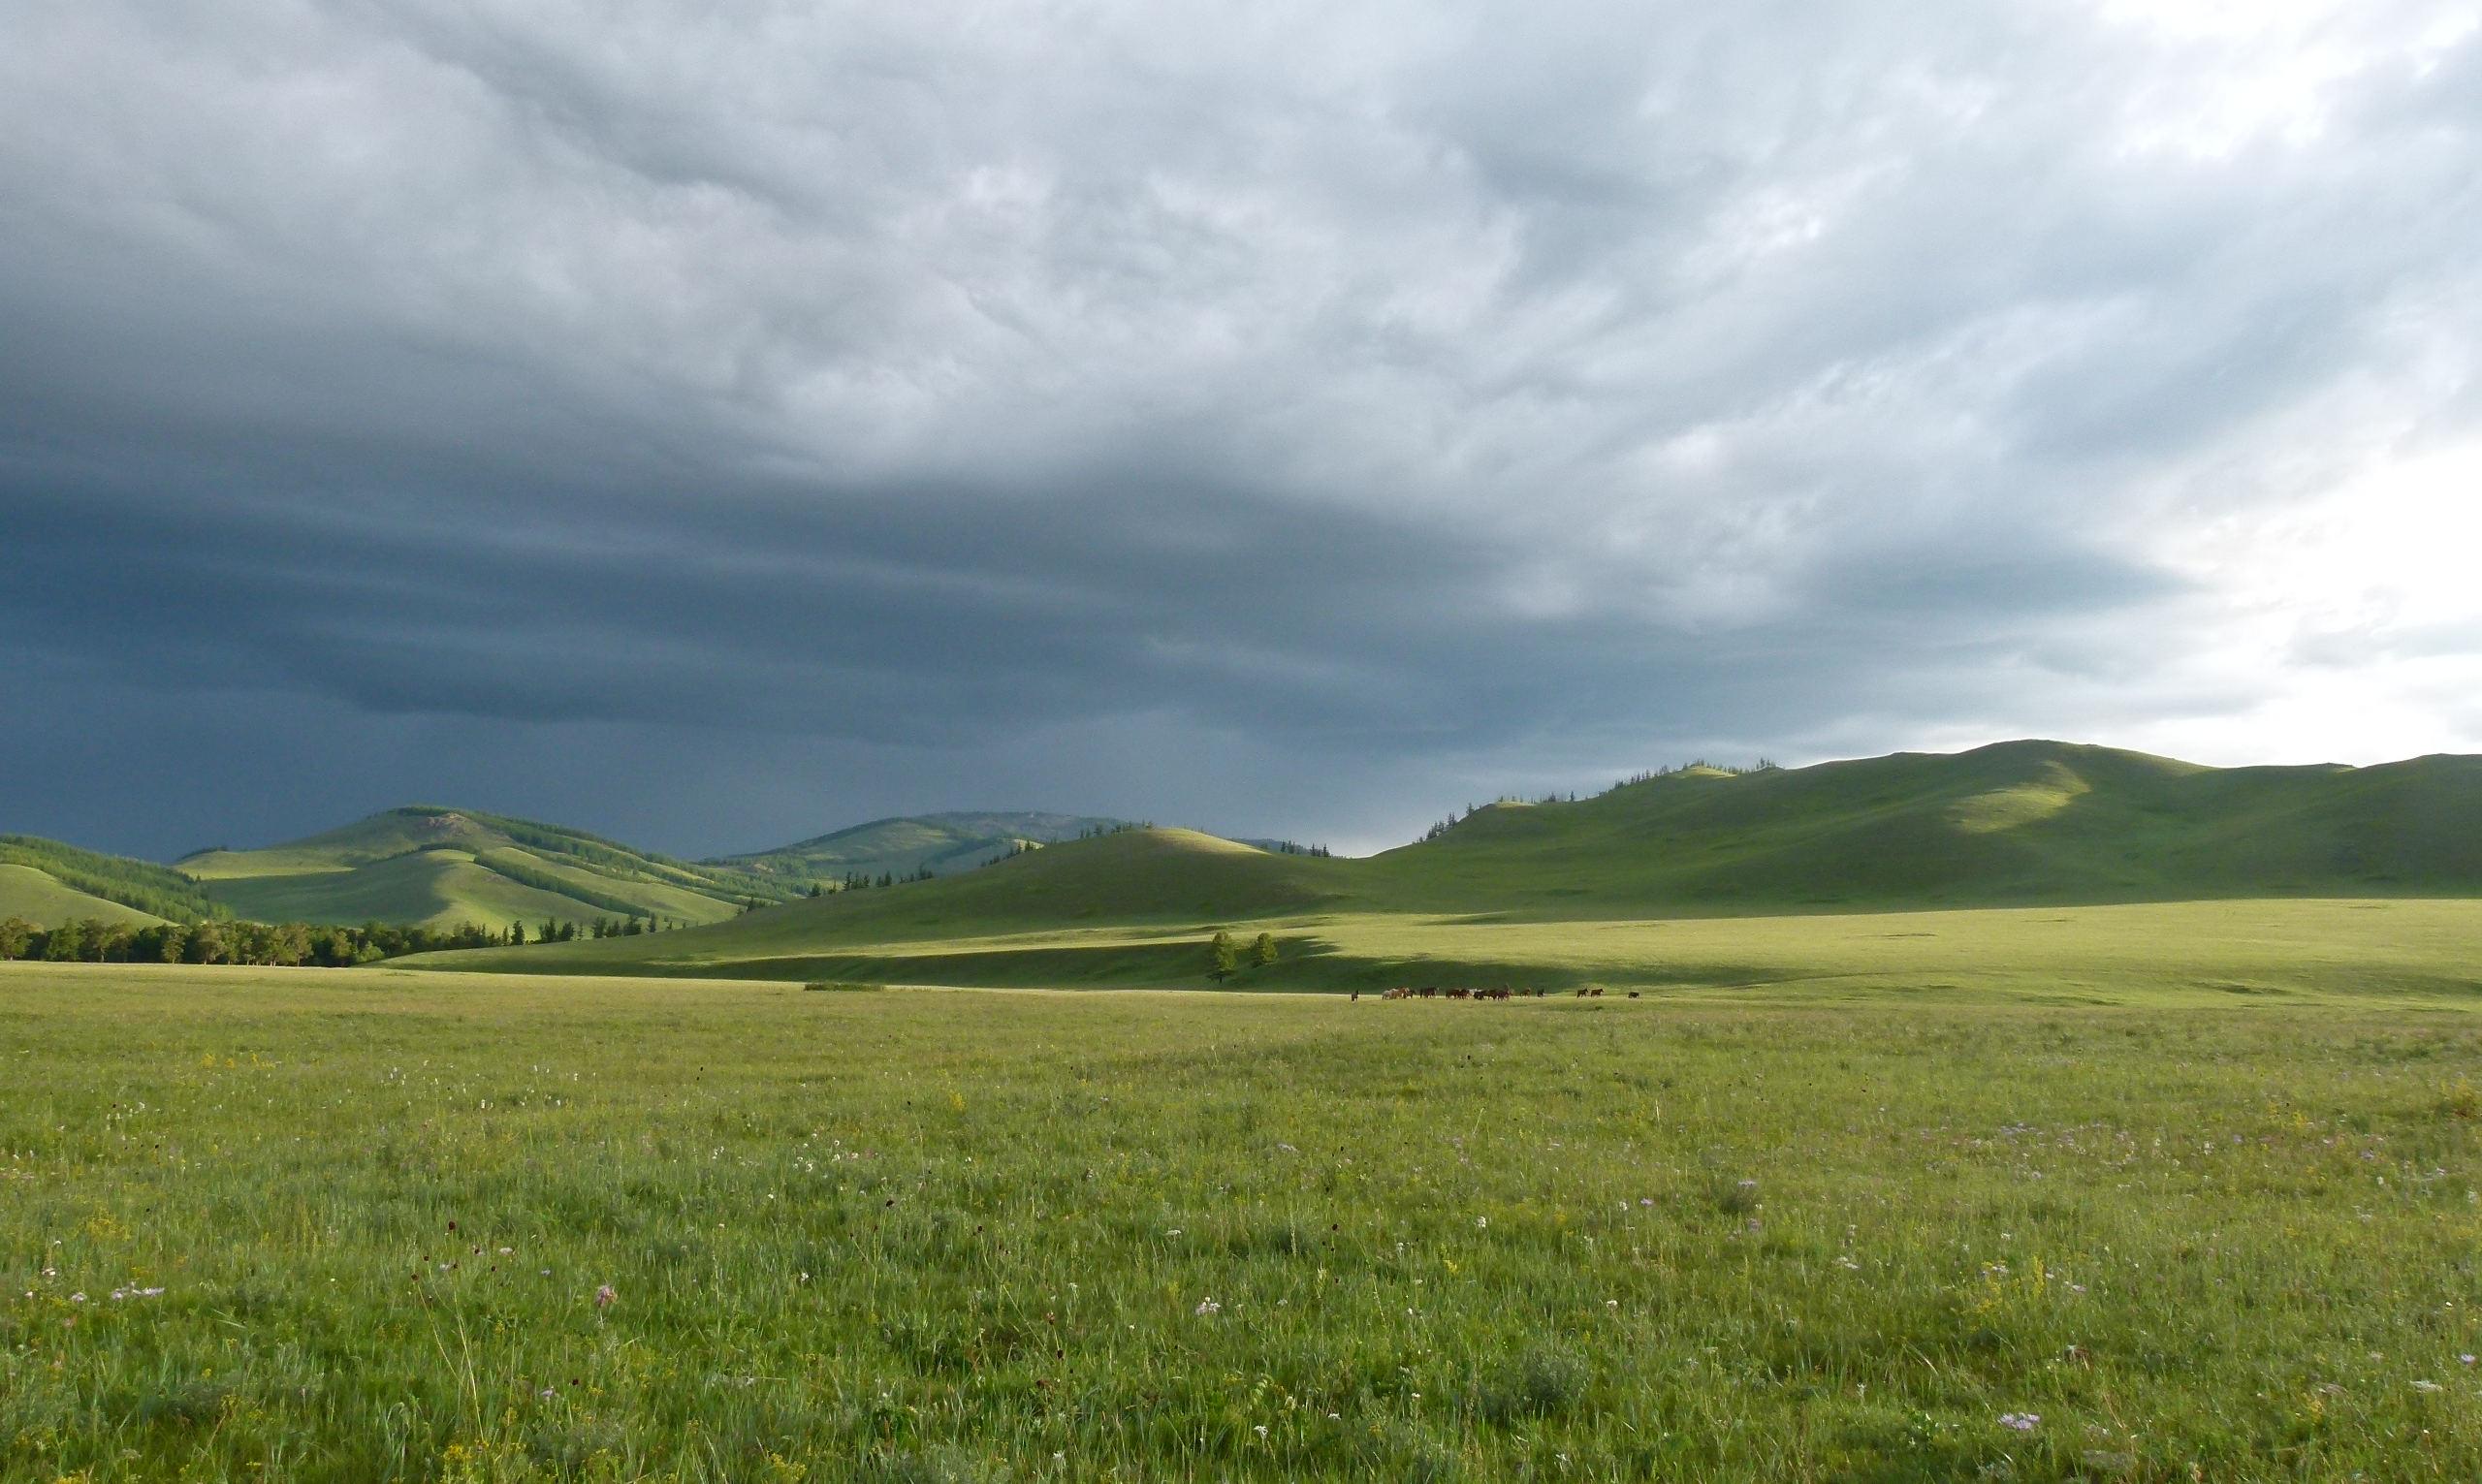 Allein in der Mongolei: Reiter im Regen - 10.Tag